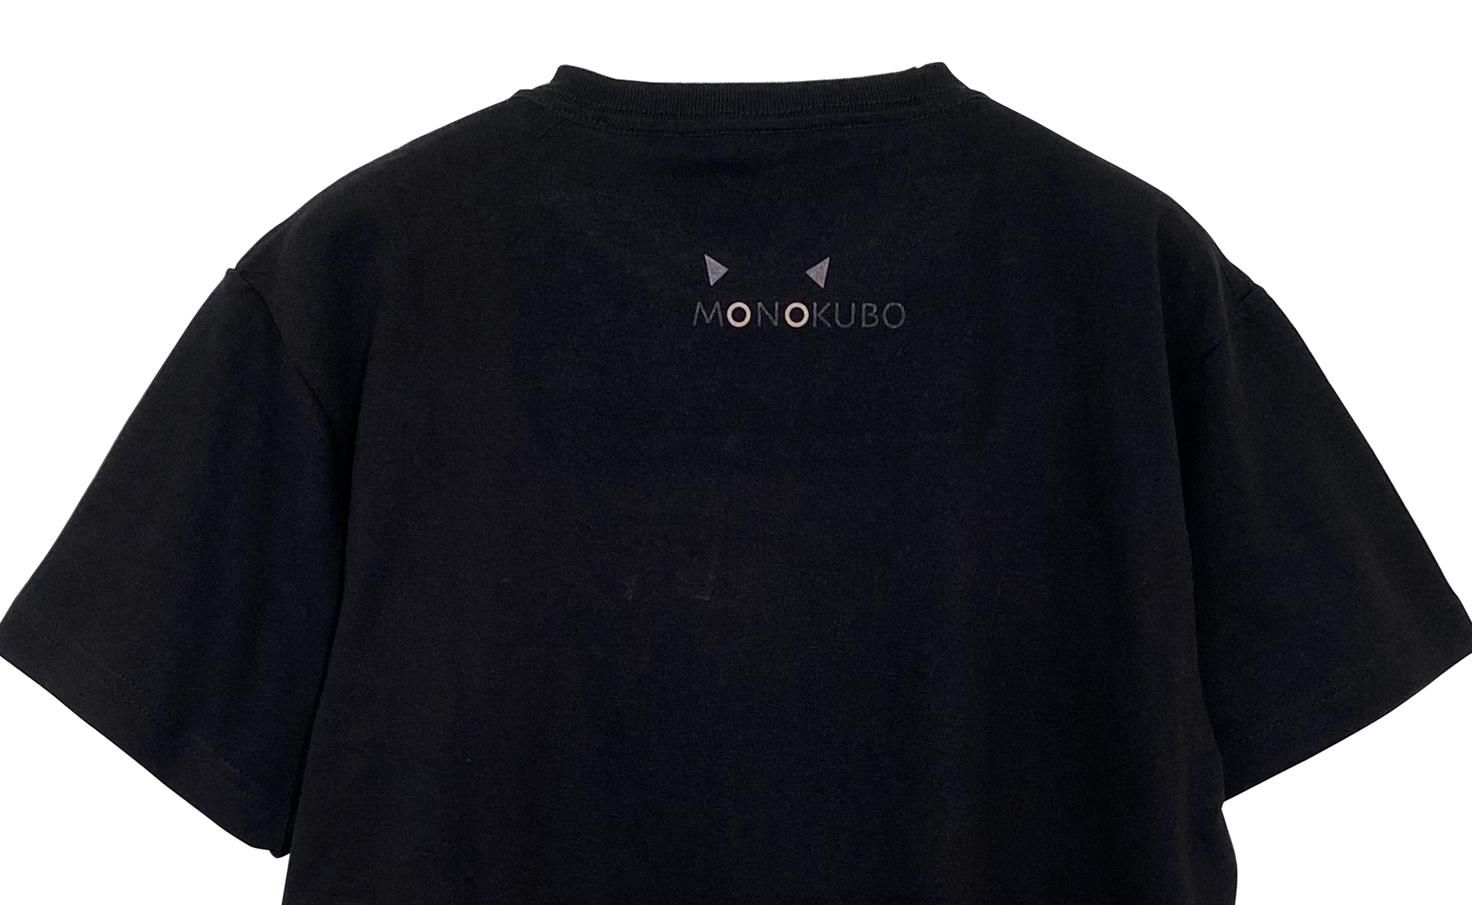 クロネコ Tシャツ (Black)